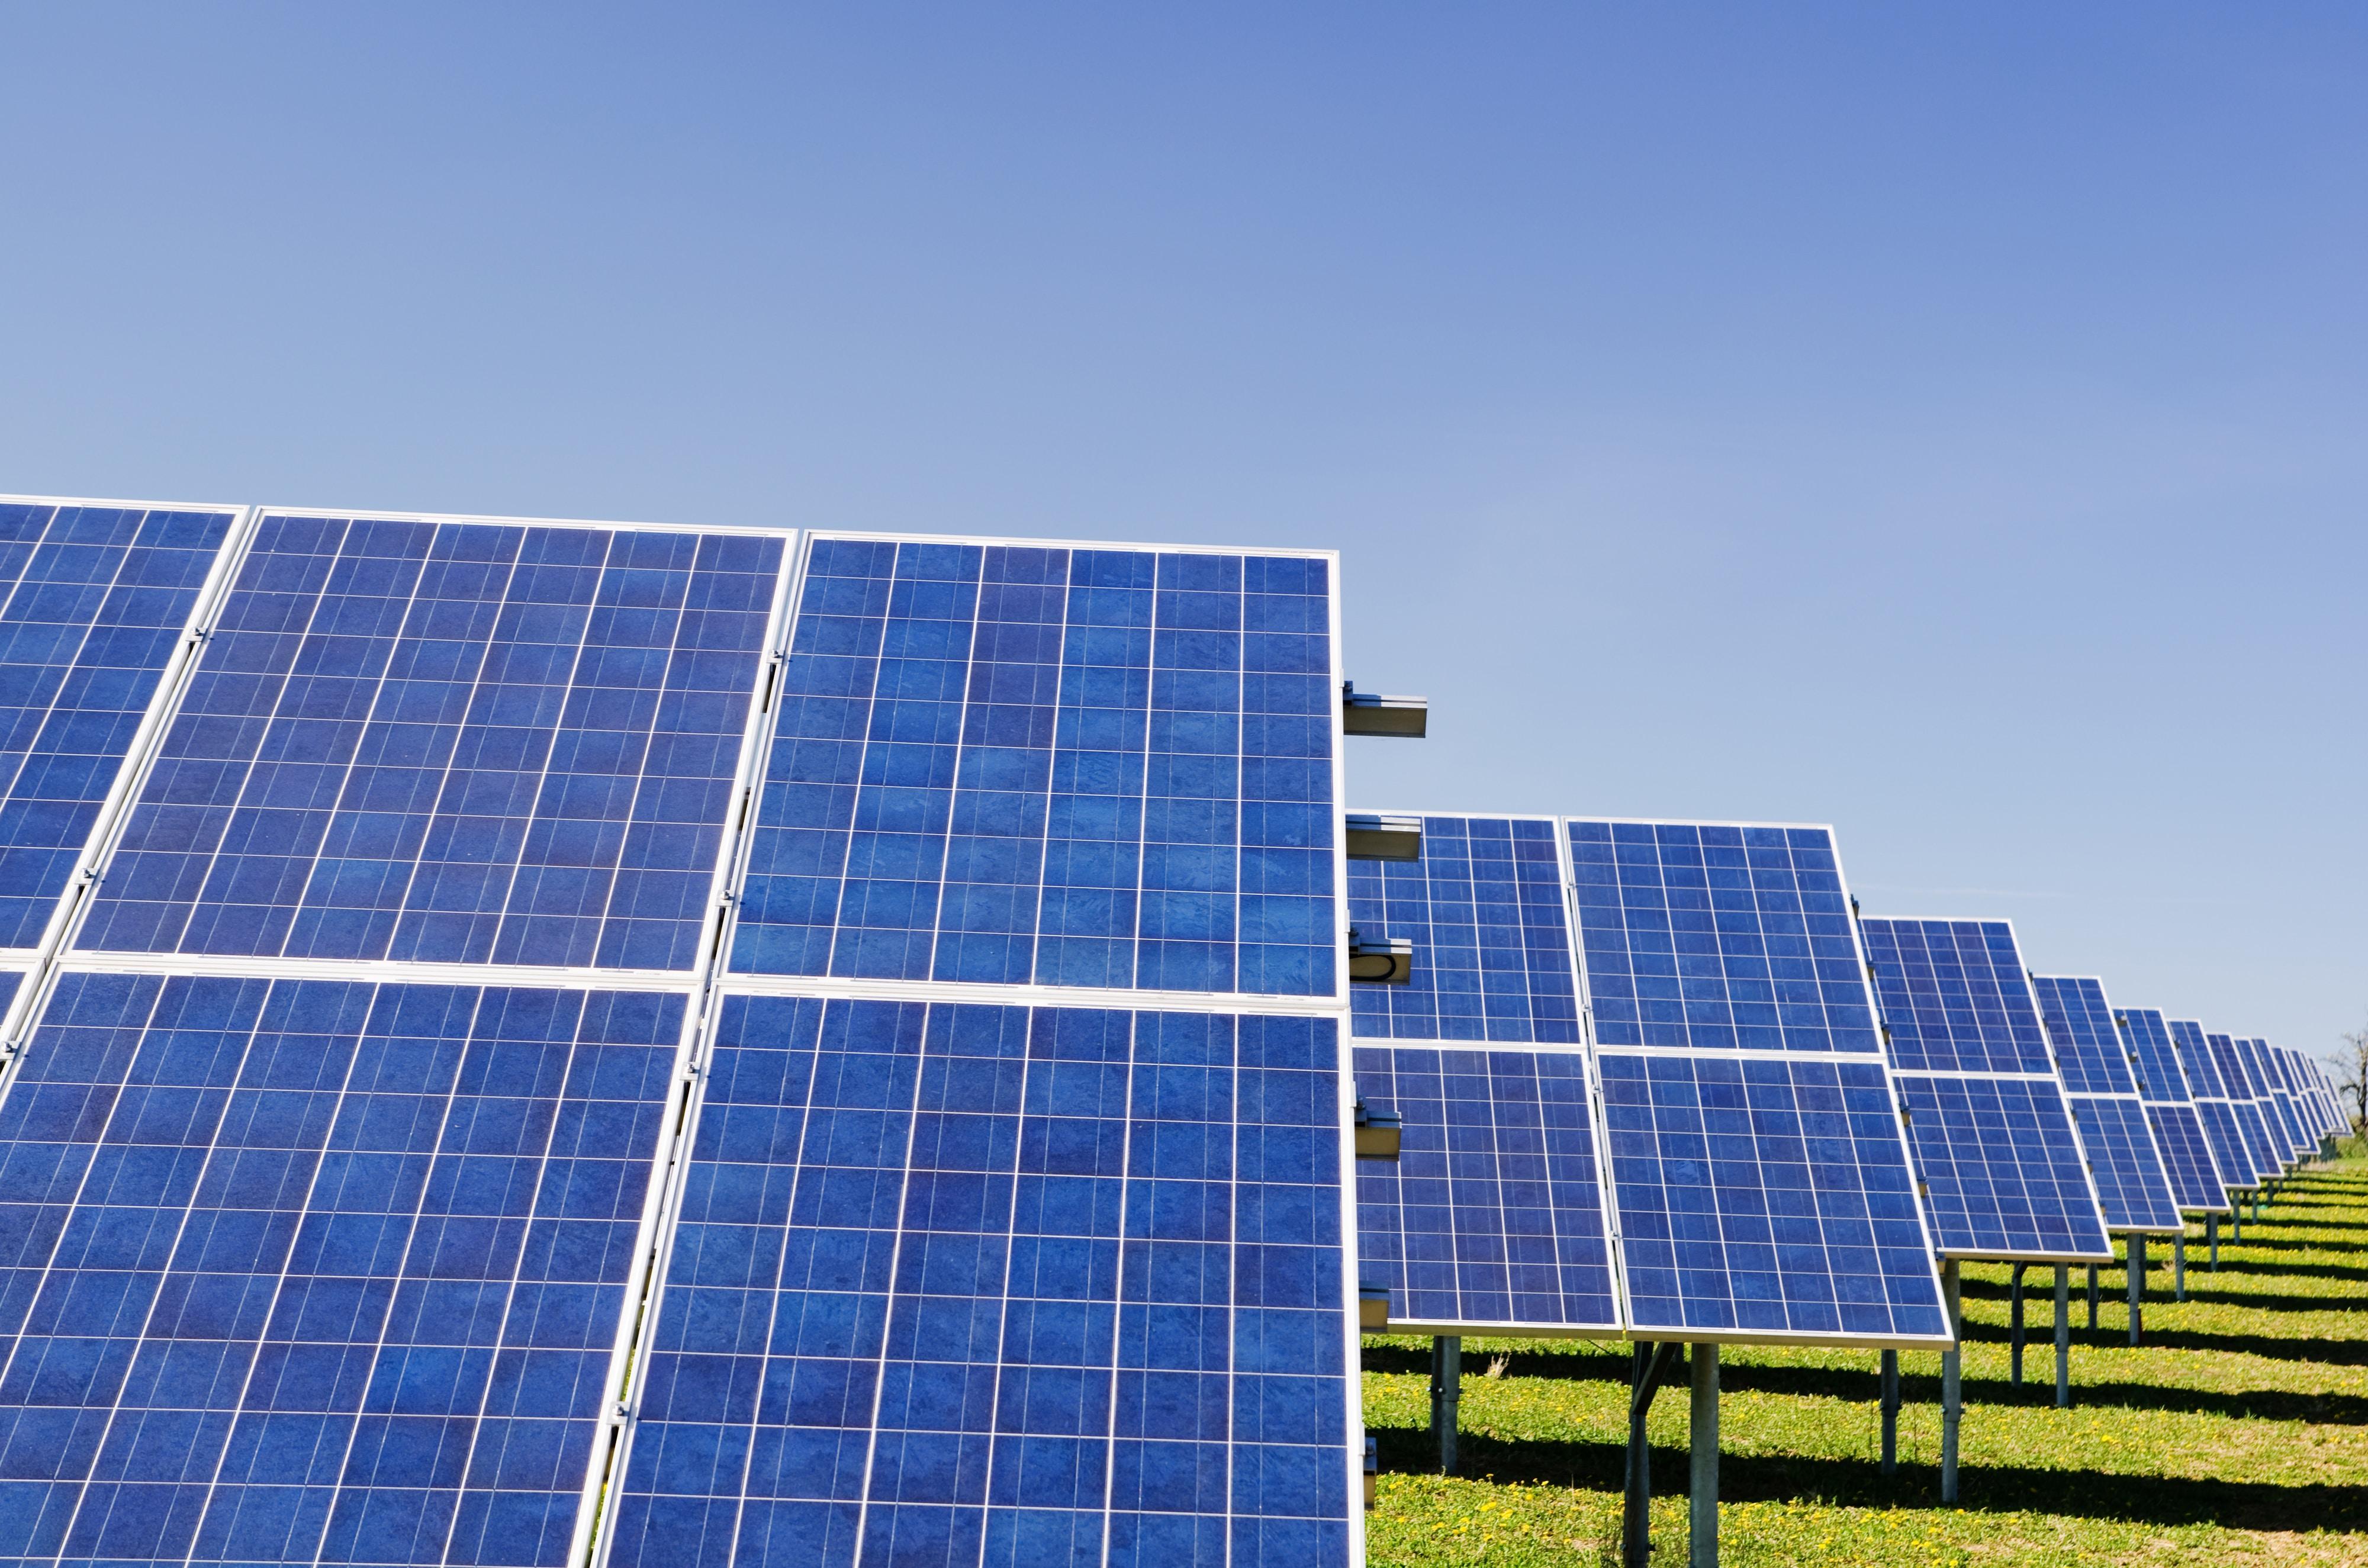 変わる! 再生可能エネルギーの固定価格買取制度